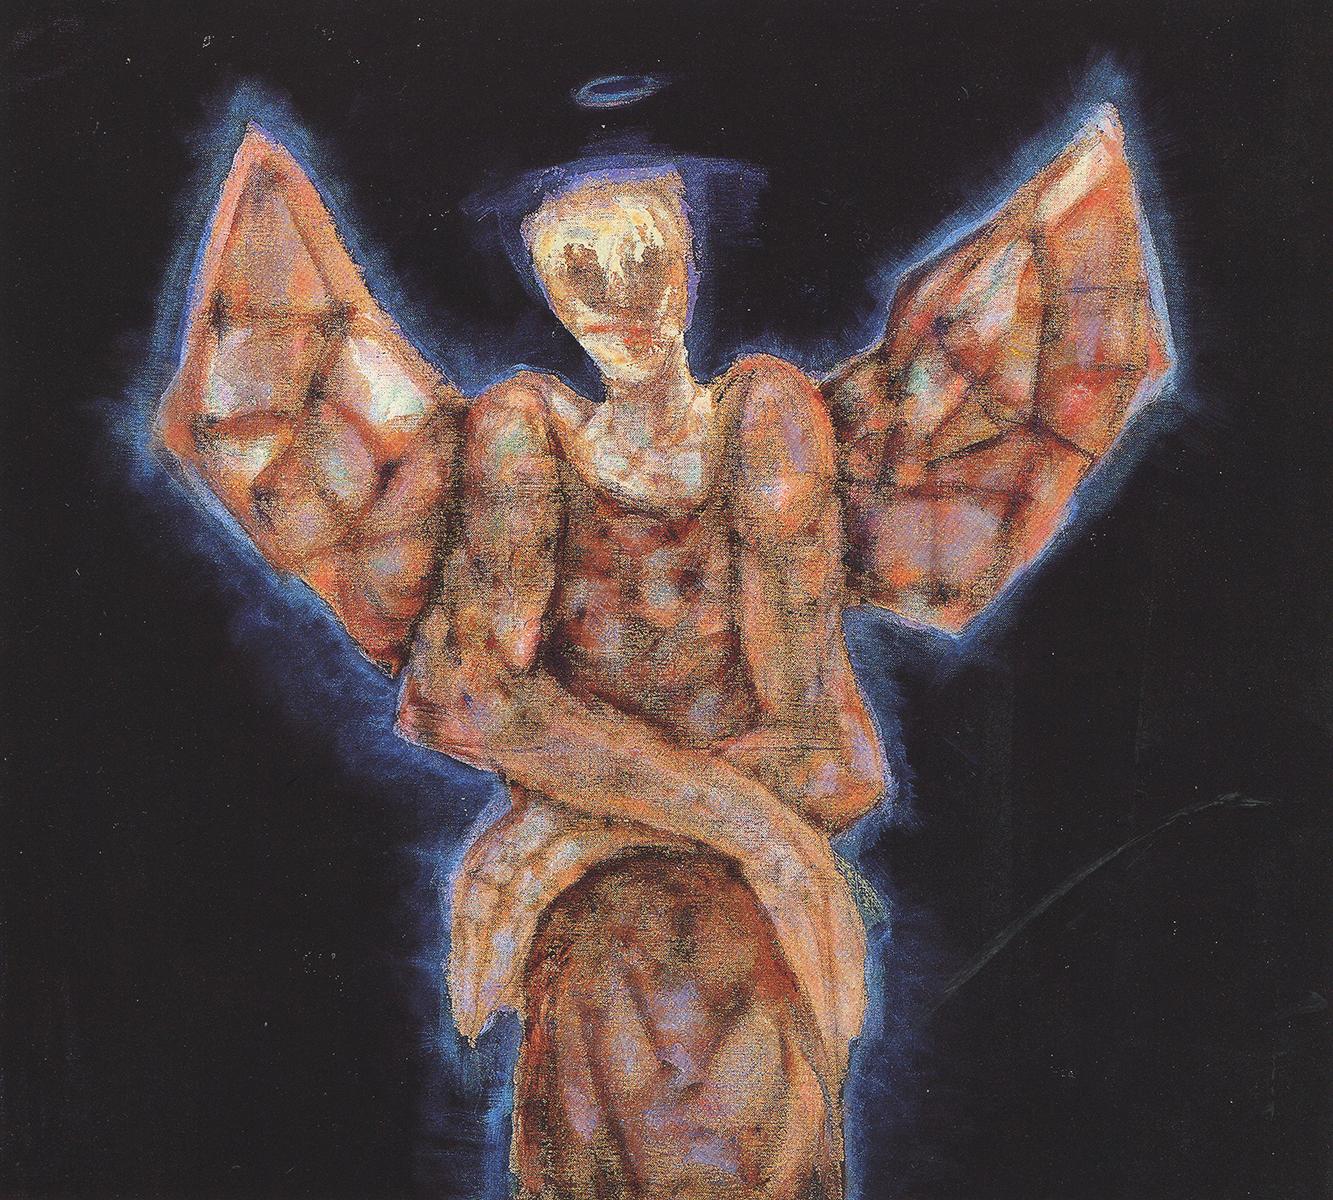 Figure 5. Untitled, 1993